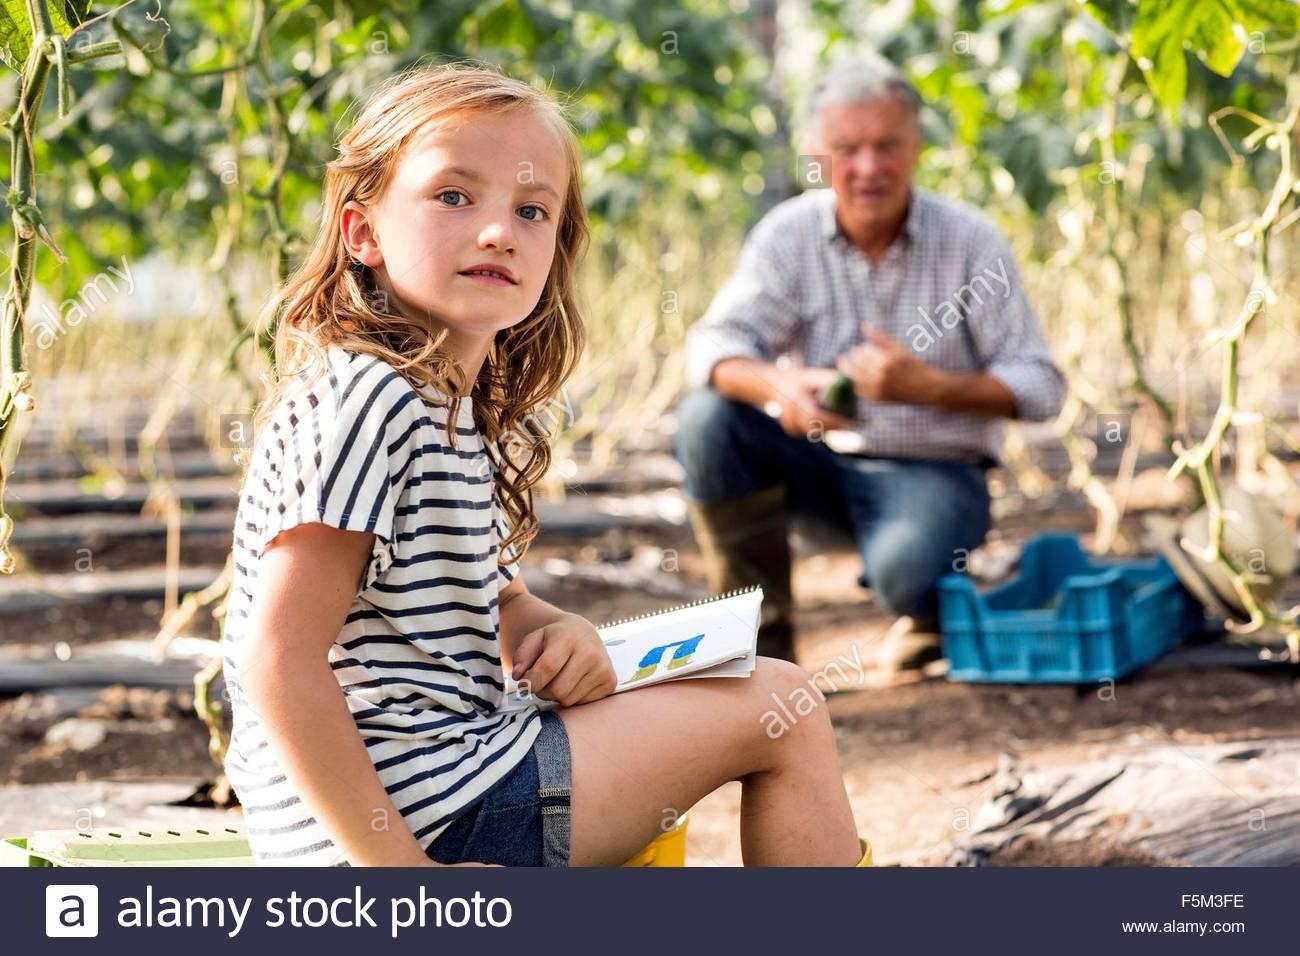 Mädchen sitzen Zeichnung während Großvater arbeitet Blick in die Kamera Stockbild